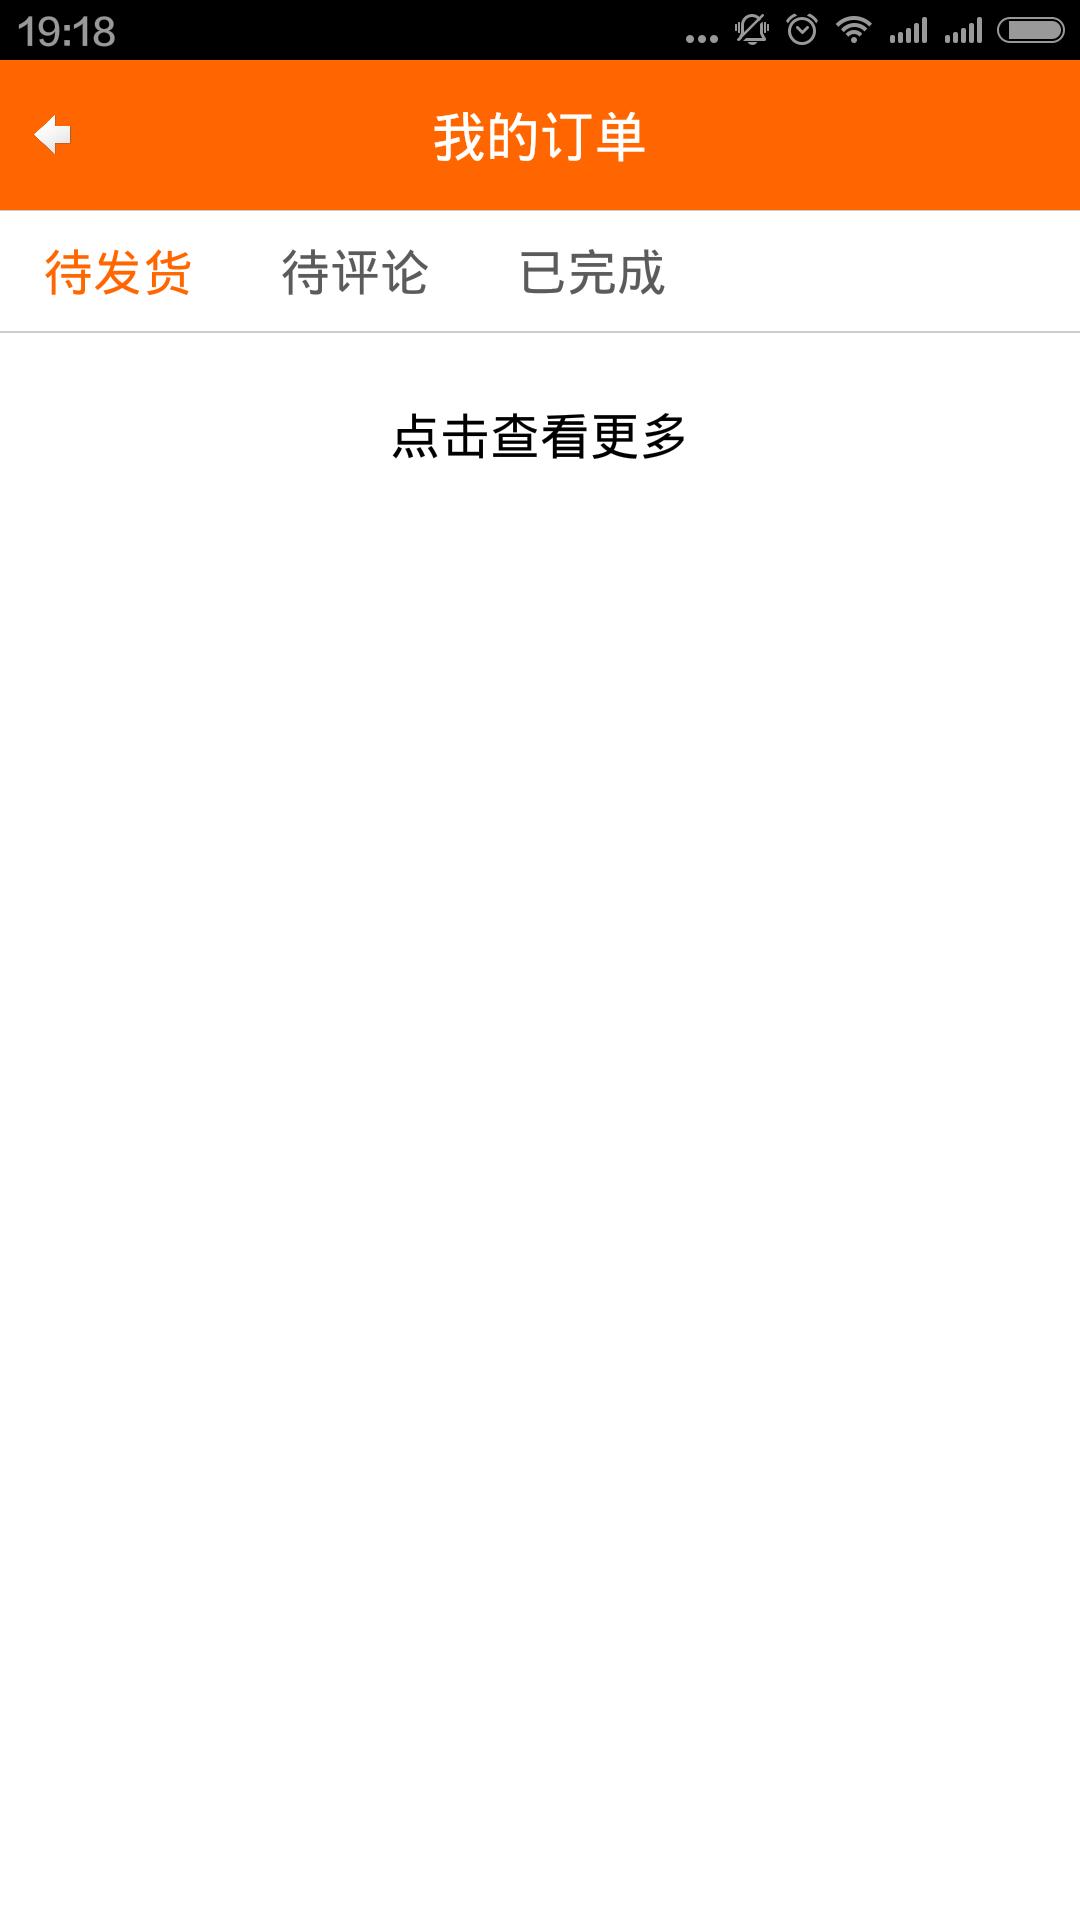 微商盒子 v2.0